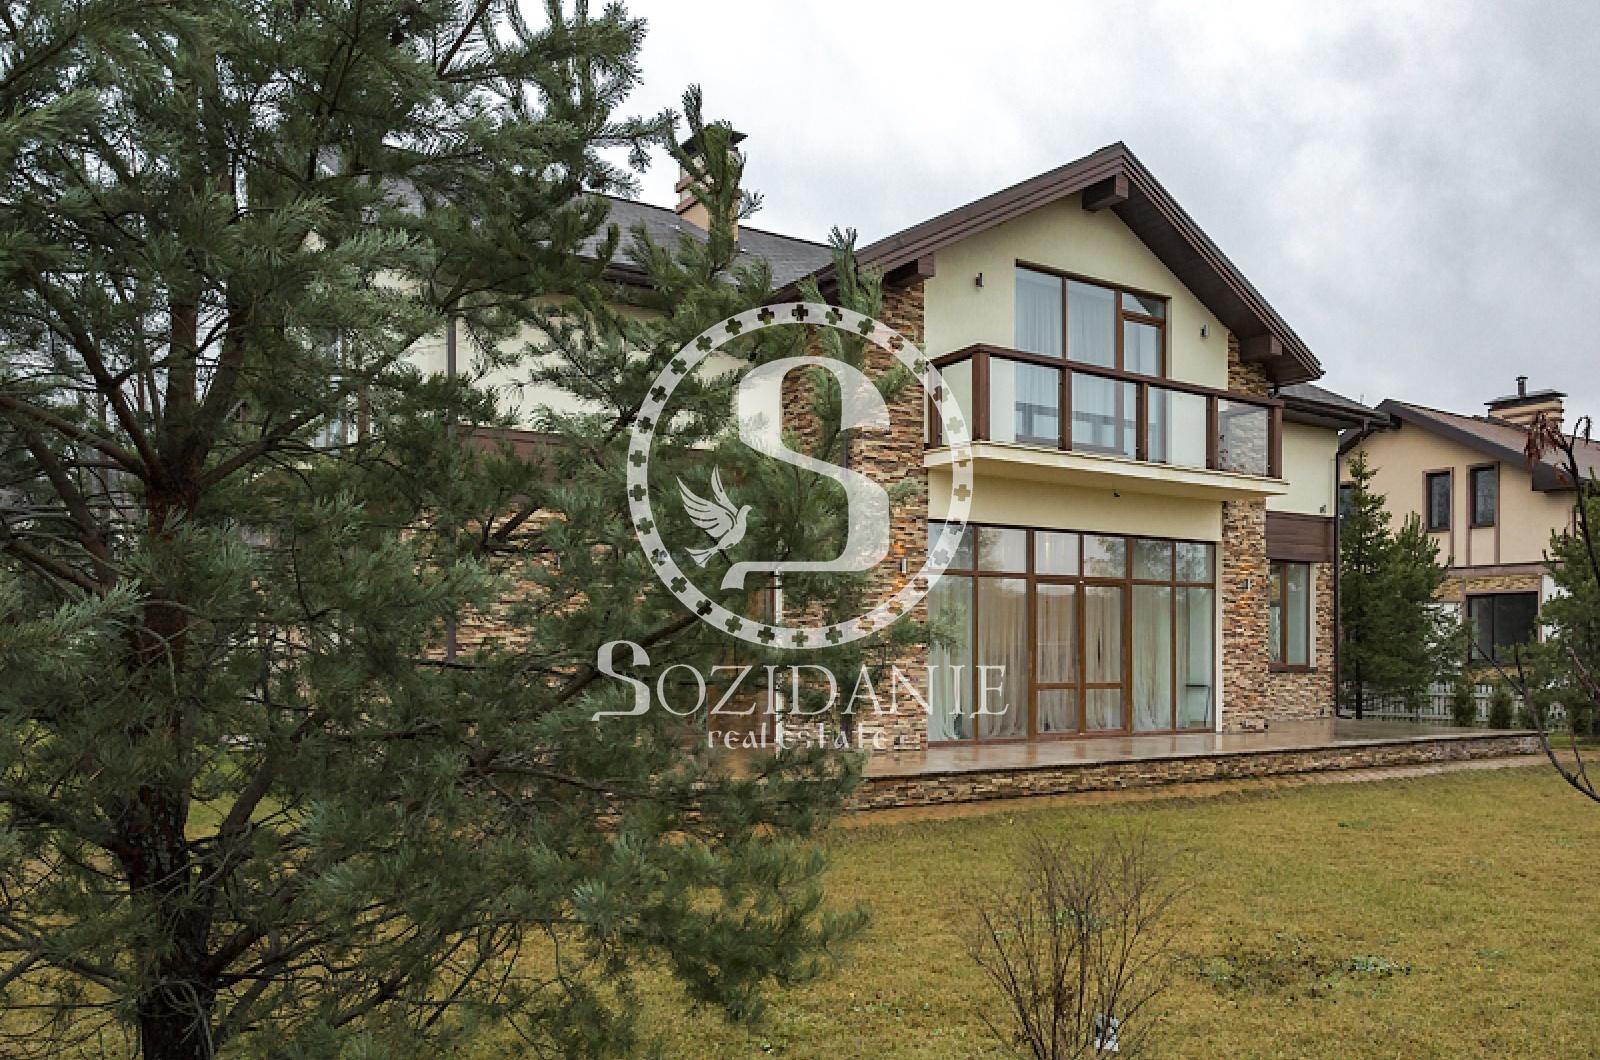 4 Bedrooms, Загородная, Продажа, Listing ID 1283, Московская область, Россия,